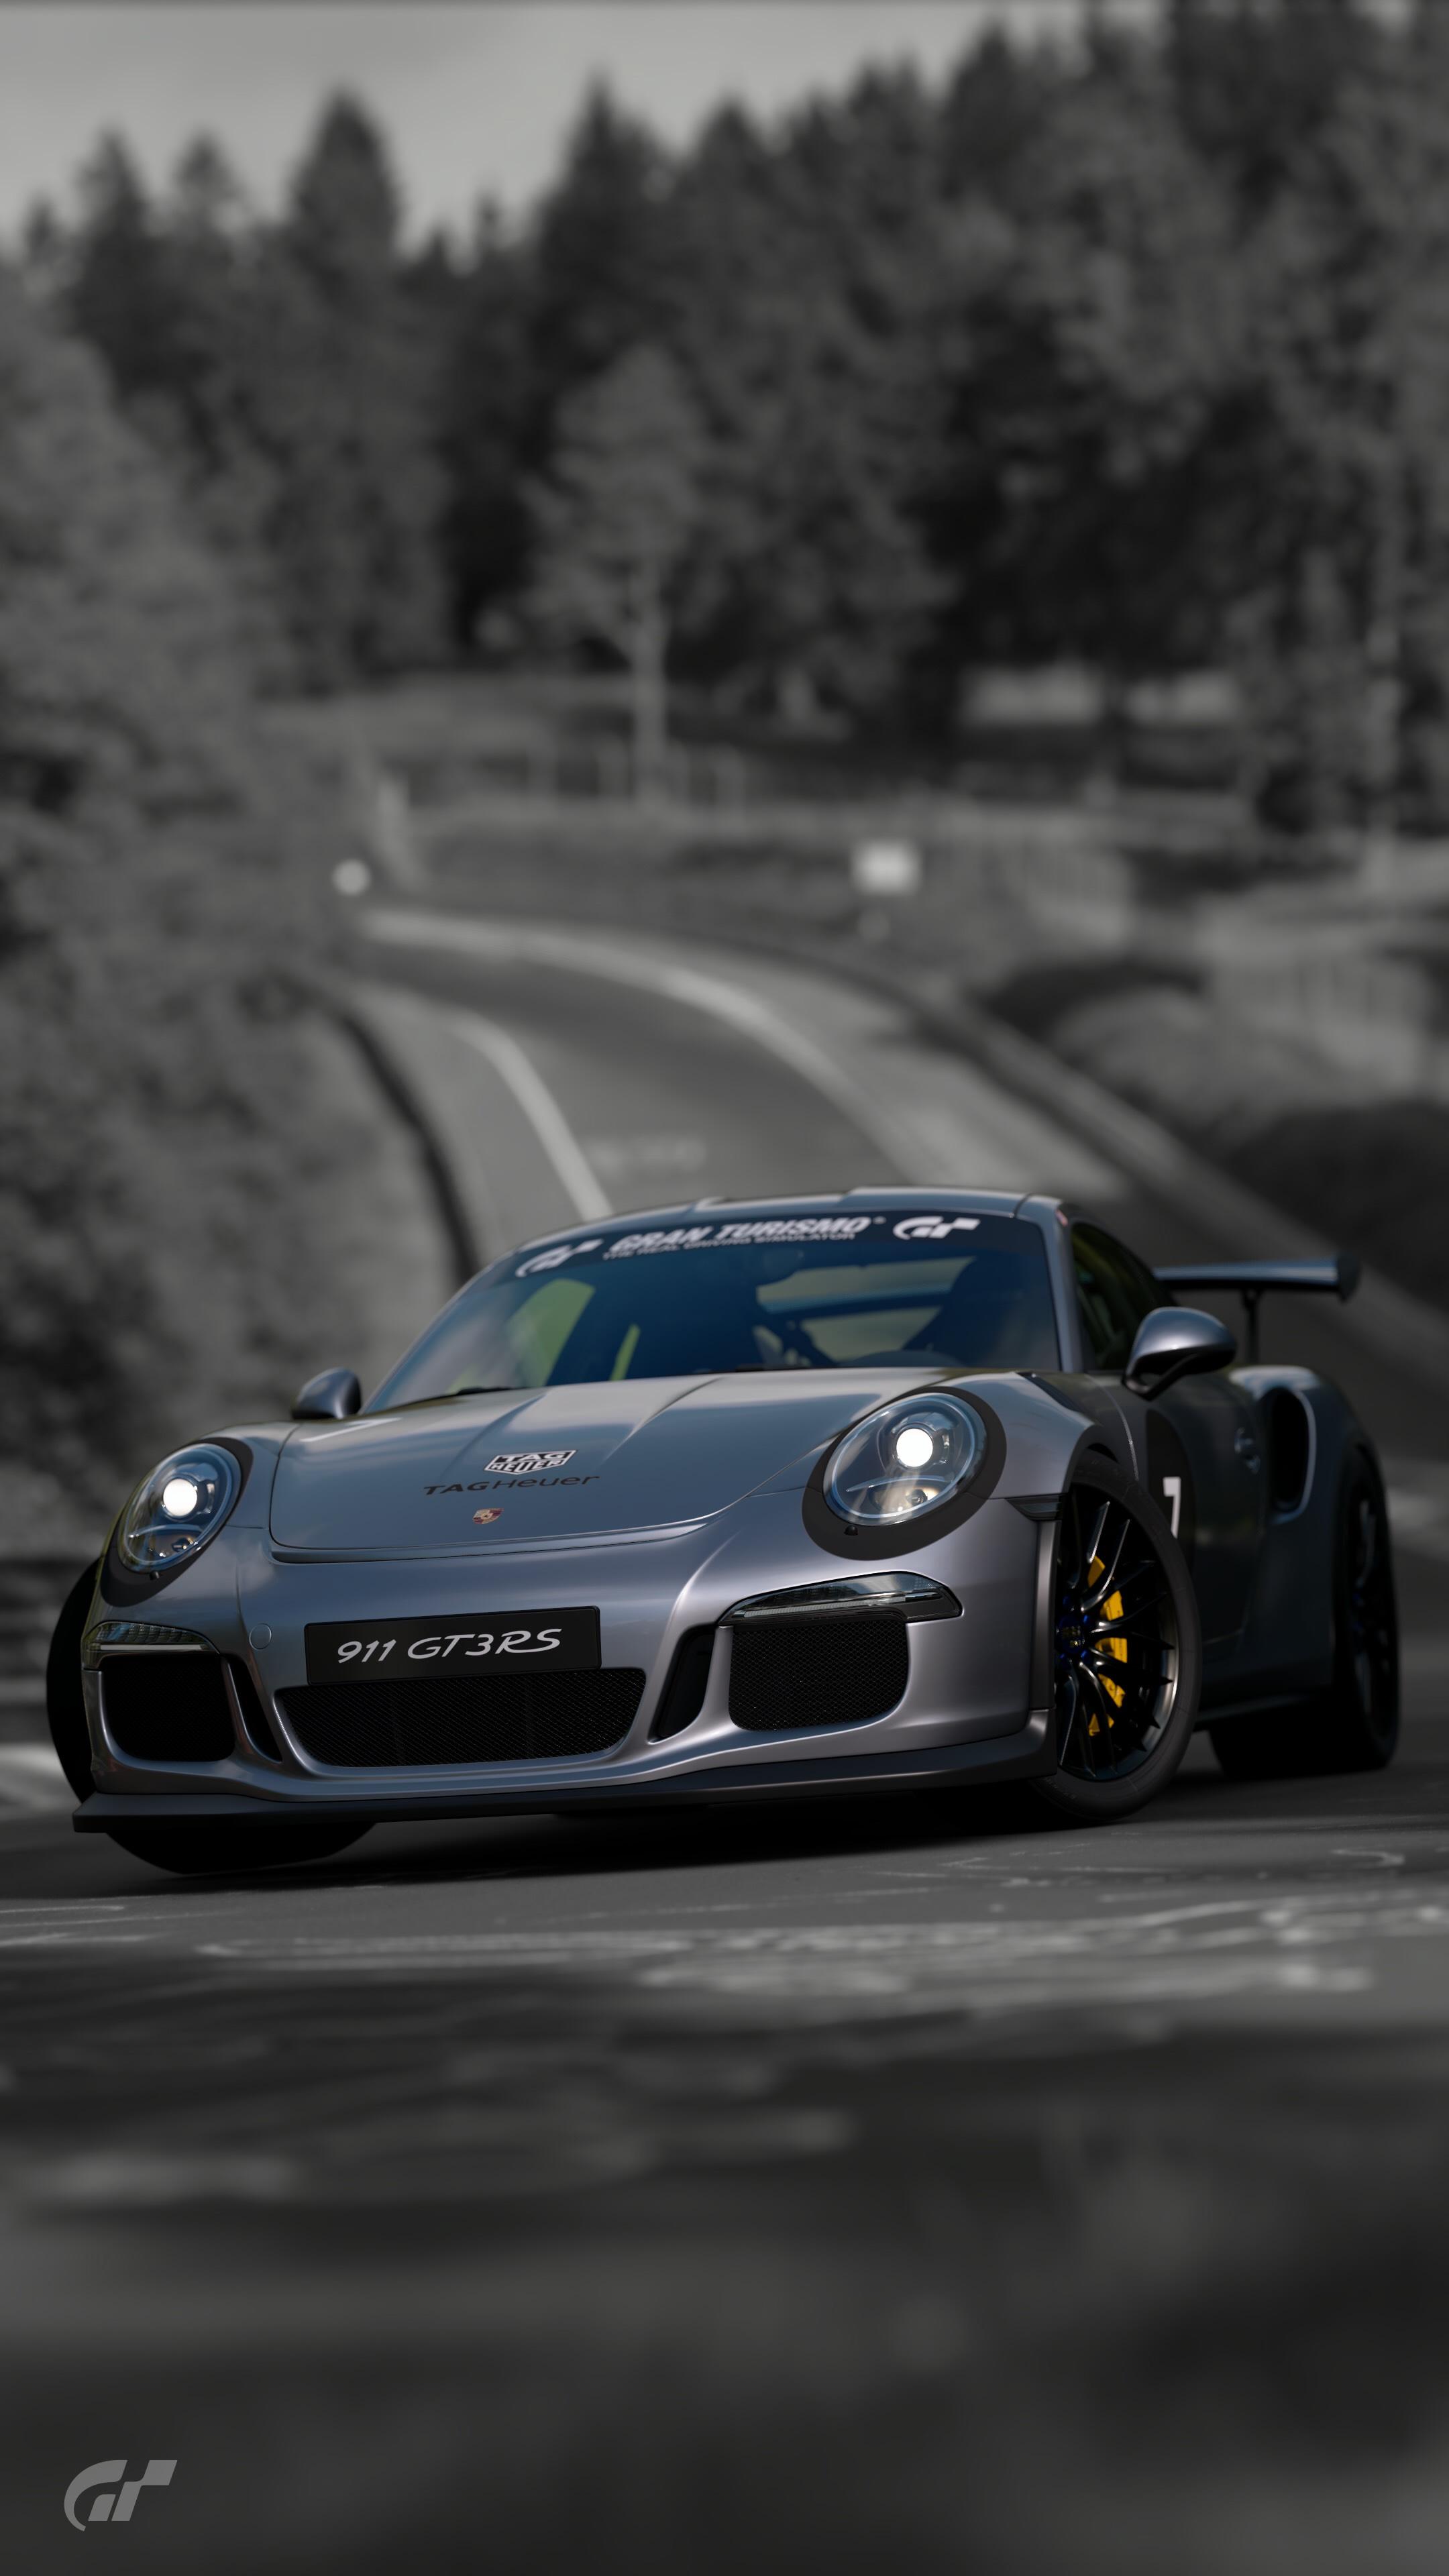 Porsche 911 GT3 Rs wallpaper GT Sport 2160x3840